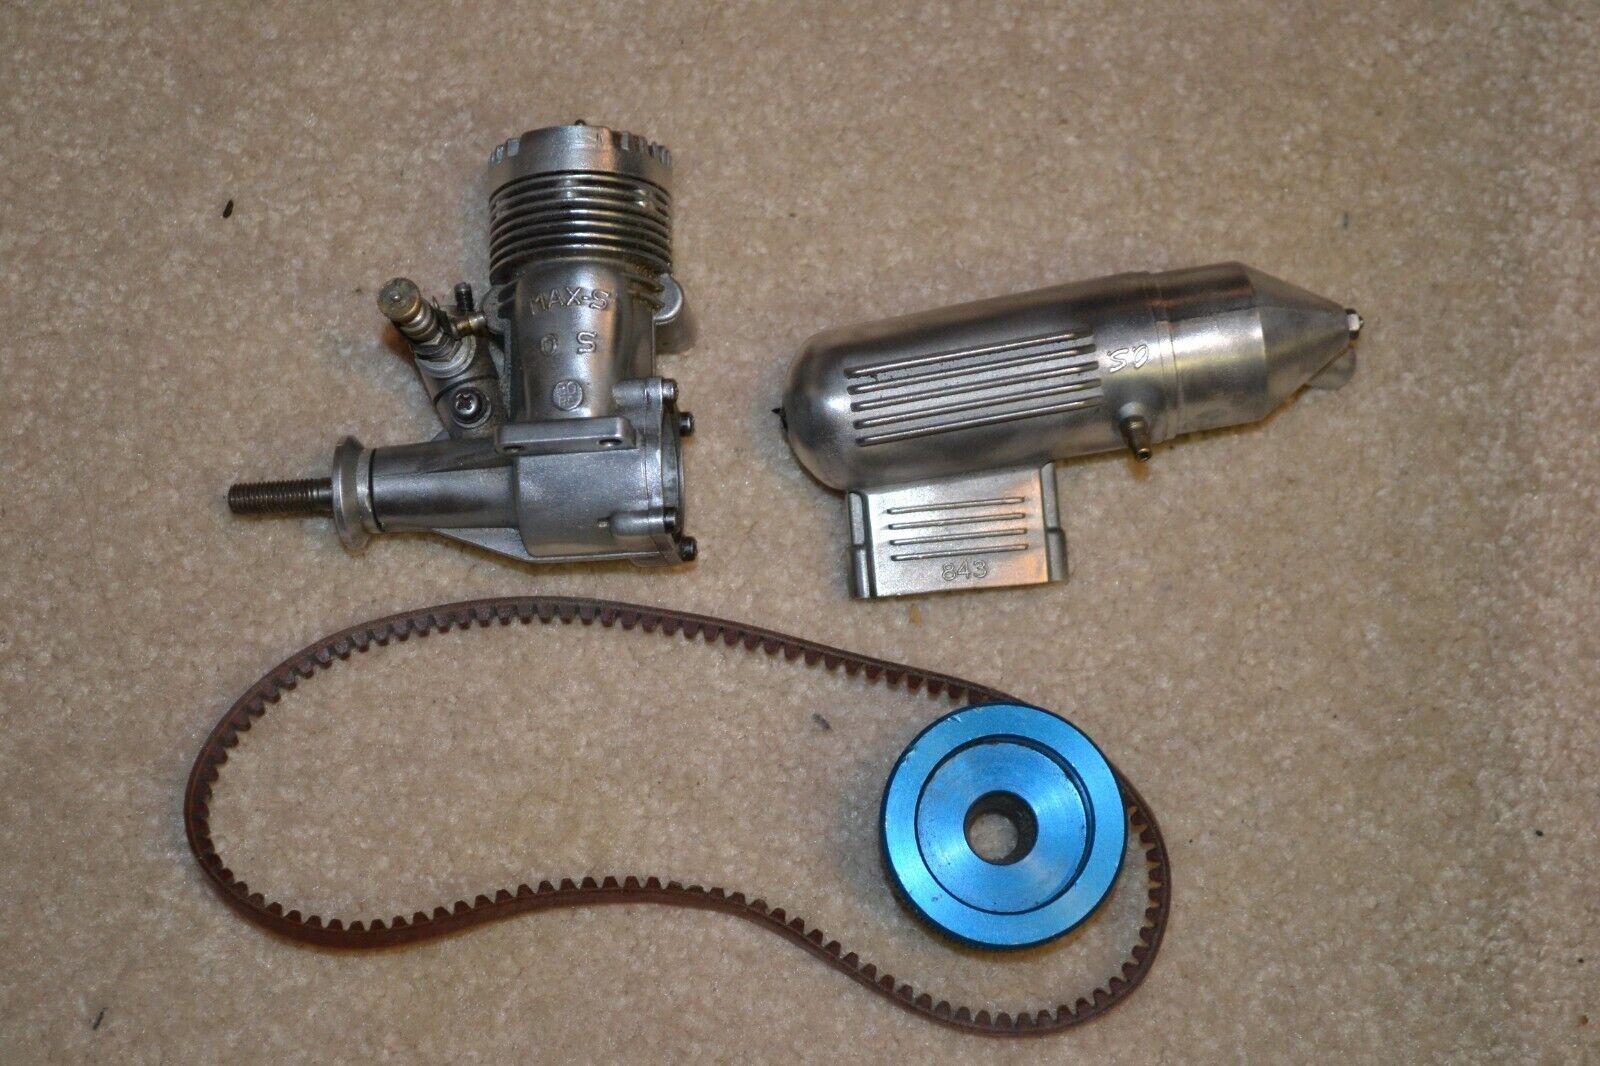 Vintage Os-max-S 30 y 843 modelo de avión Motor Silenciador